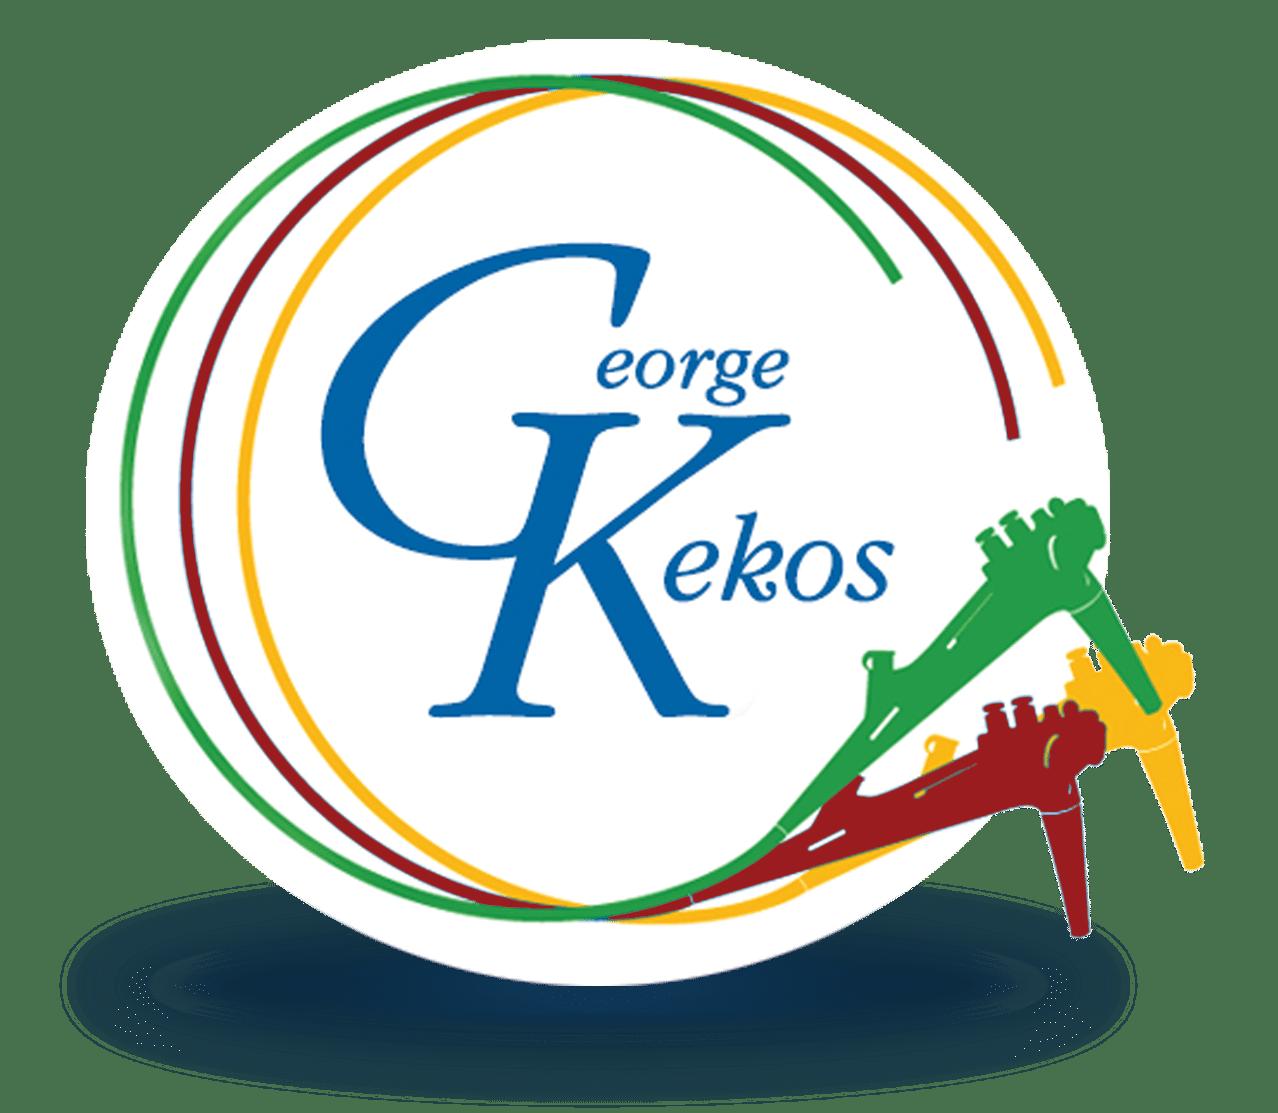 Γεώργιος Π. Κέκος